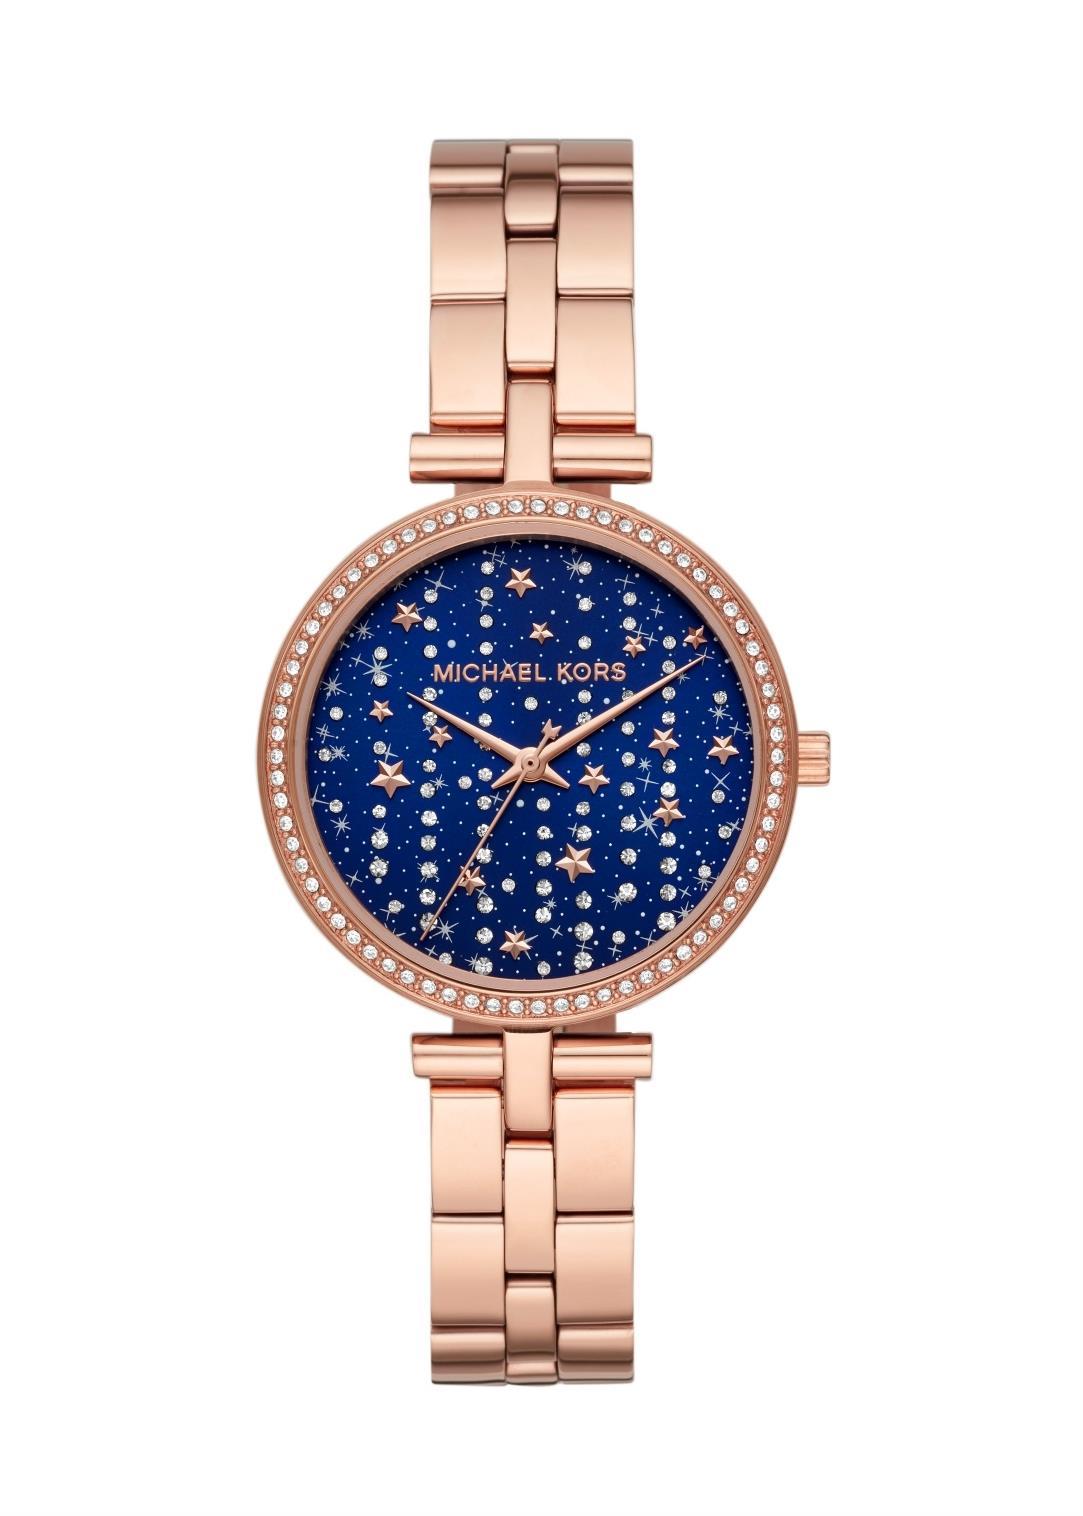 MICHAEL KORS Ladies Wrist Watch MK4451